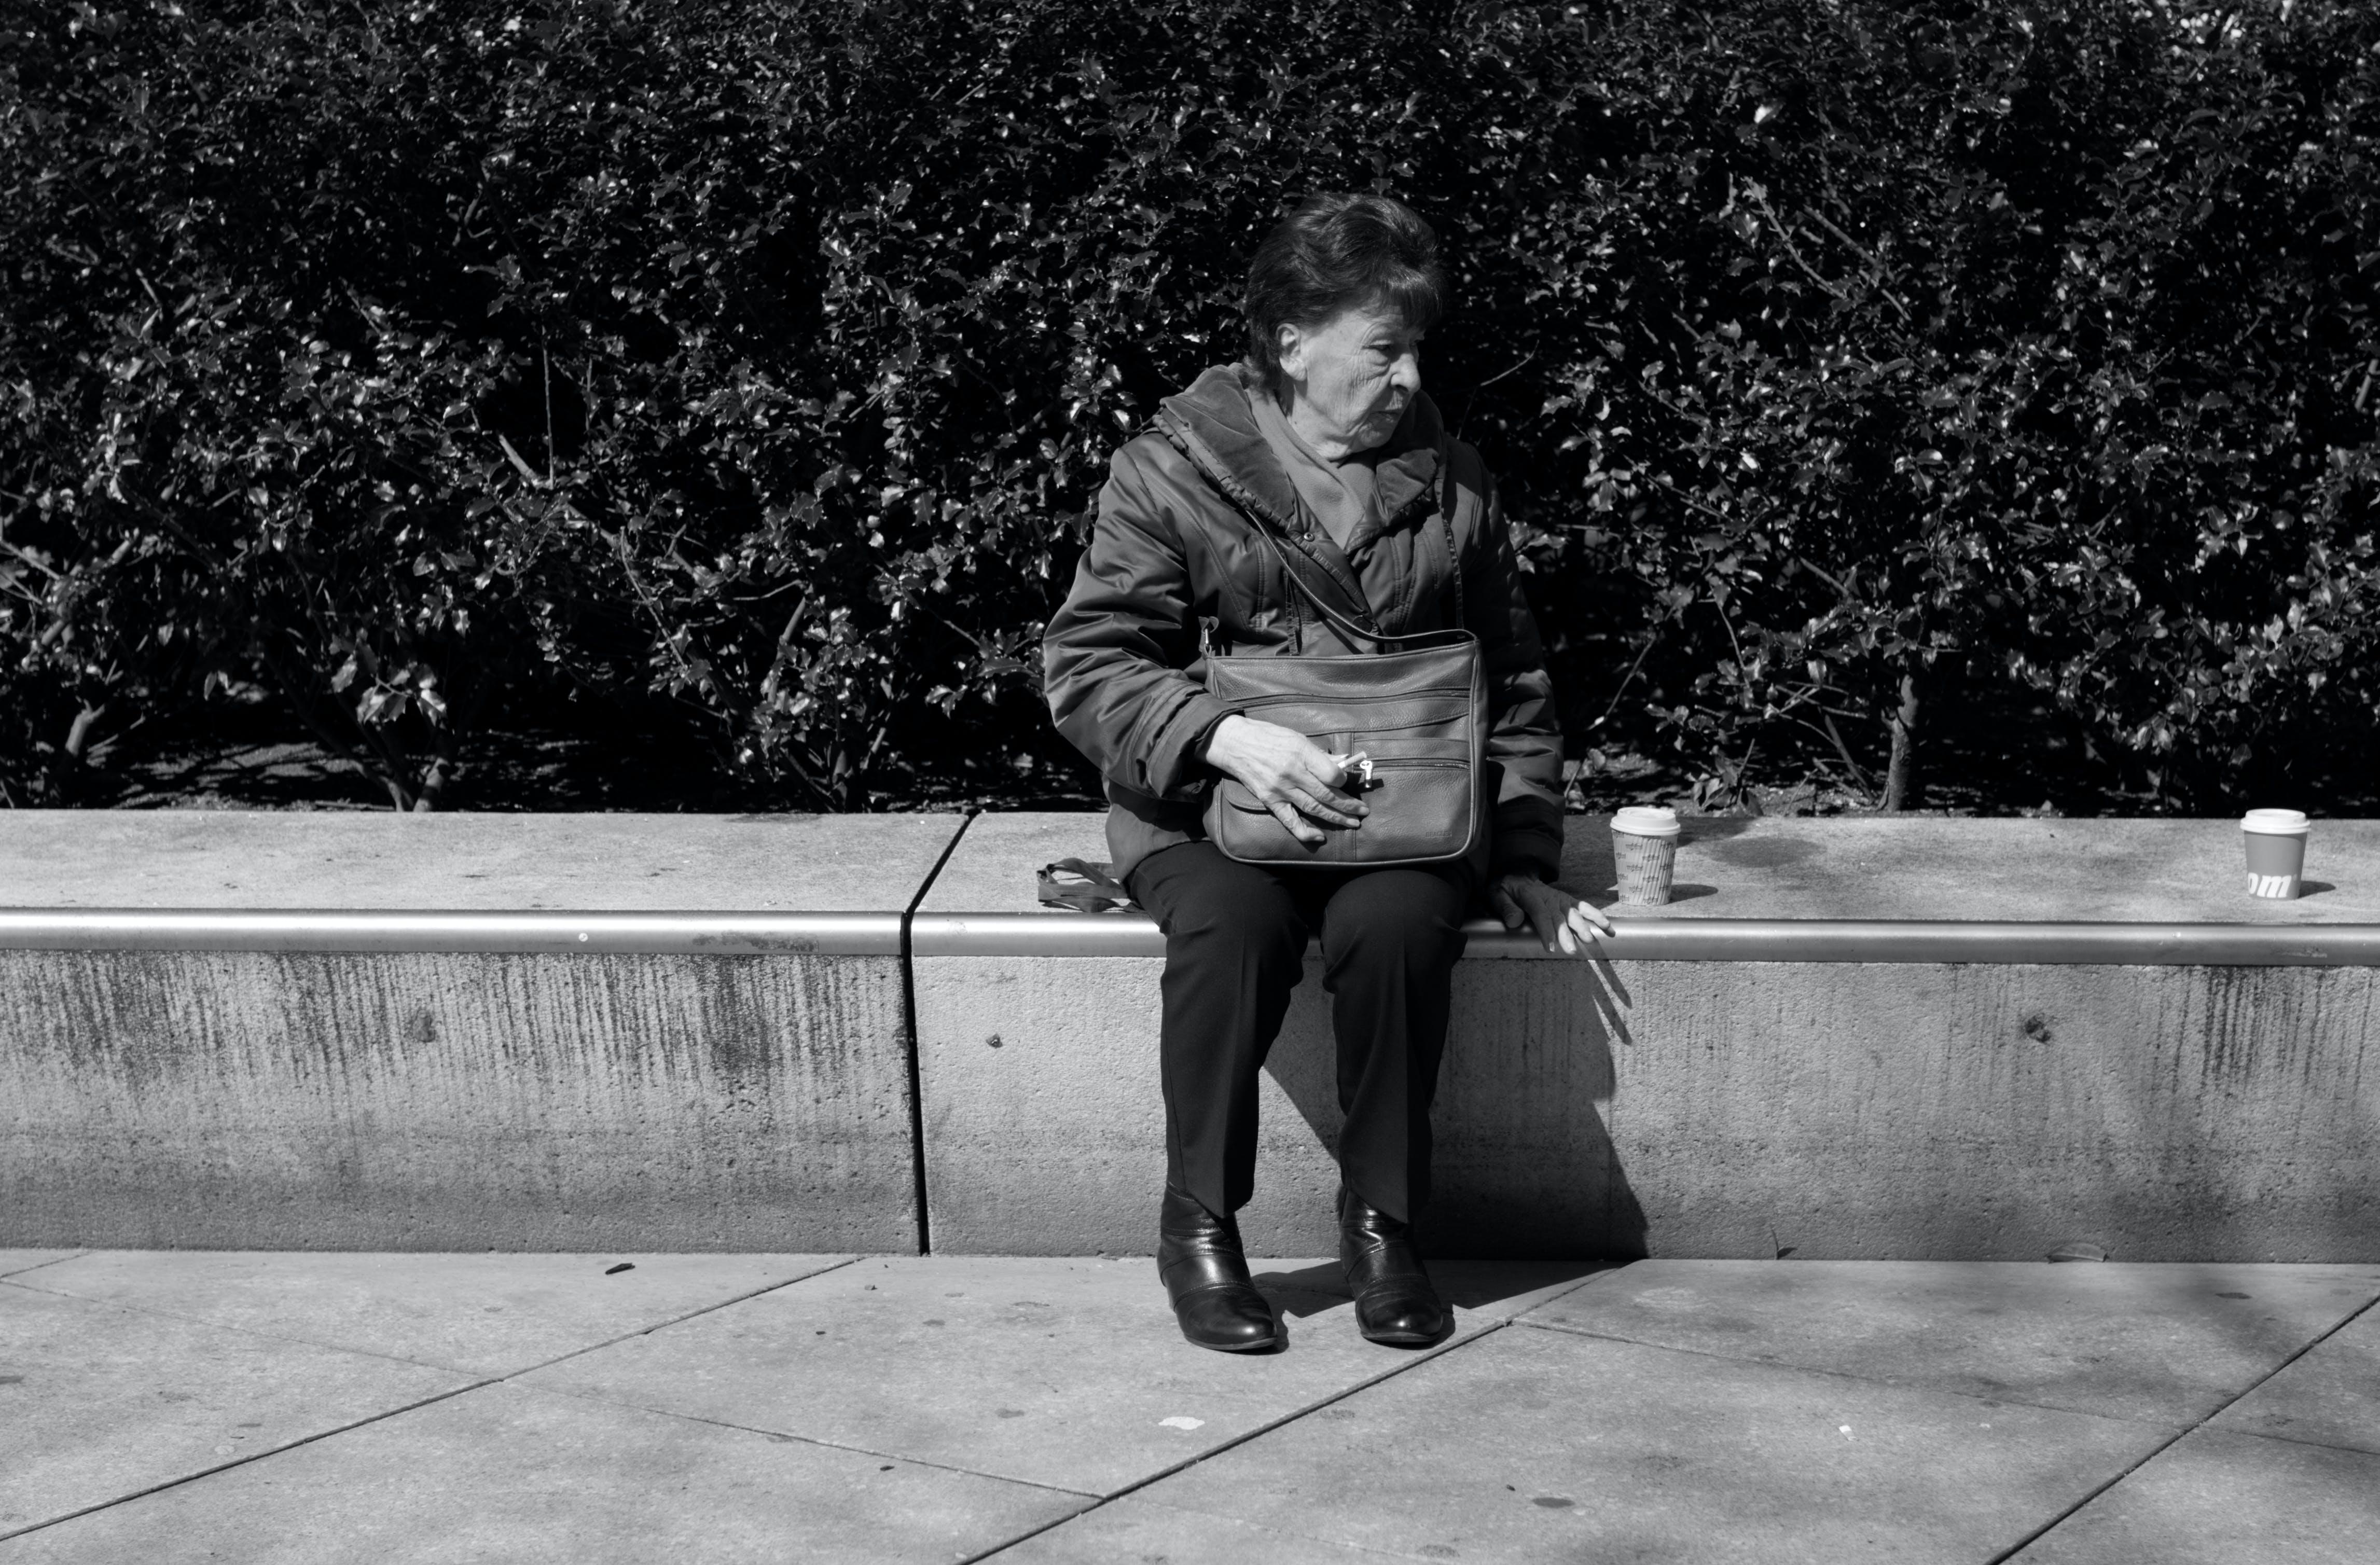 Δωρεάν στοκ φωτογραφιών με Alexanderplatz, Άνθρωποι, ασπρόμαυρο, γυναίκα